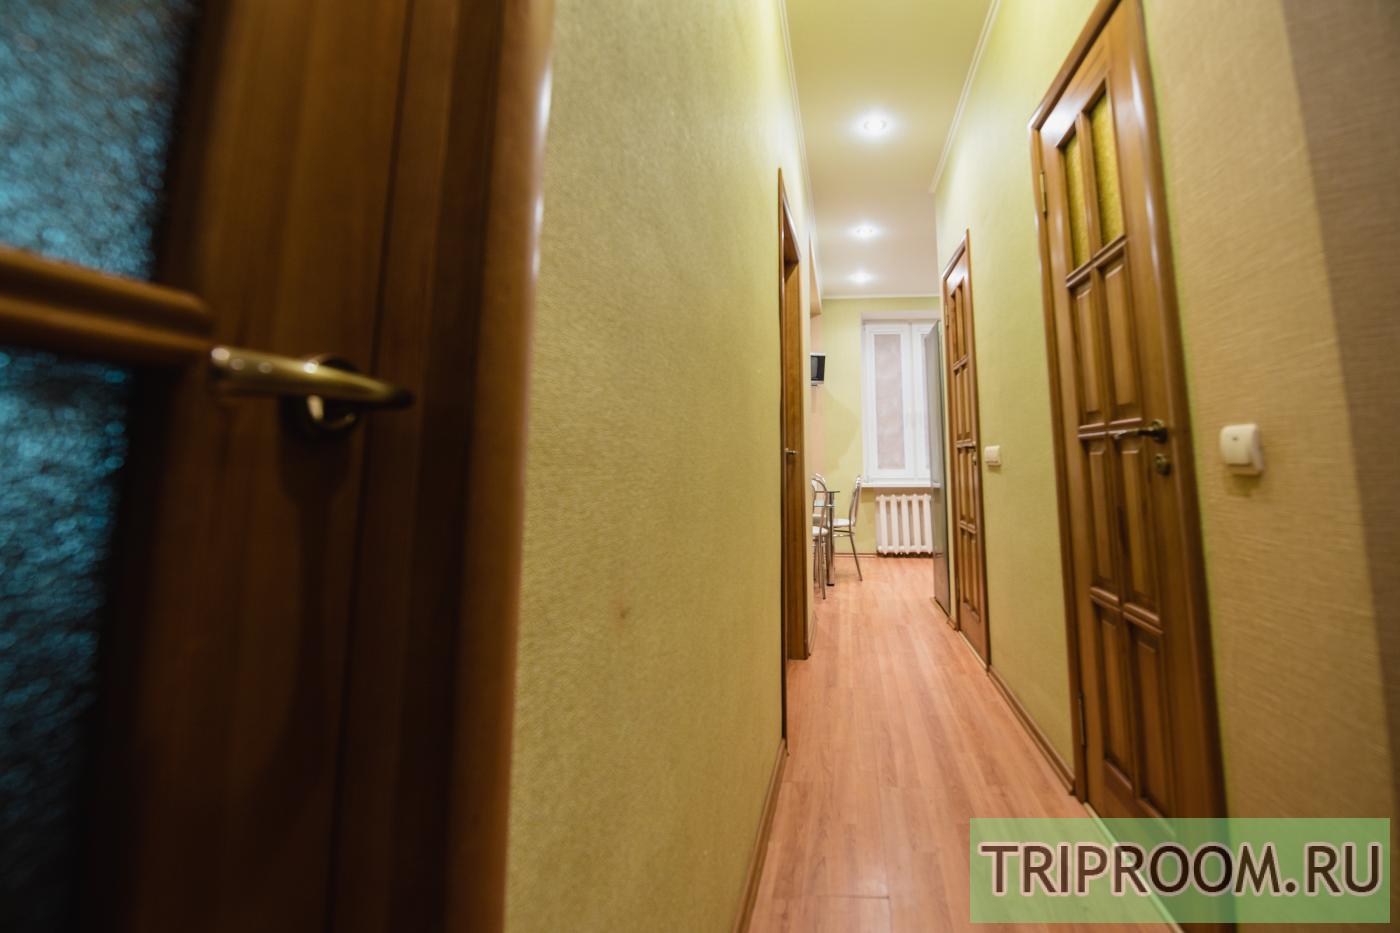 2-комнатная квартира посуточно (вариант № 14781), ул. Твардовского улица, фото № 10